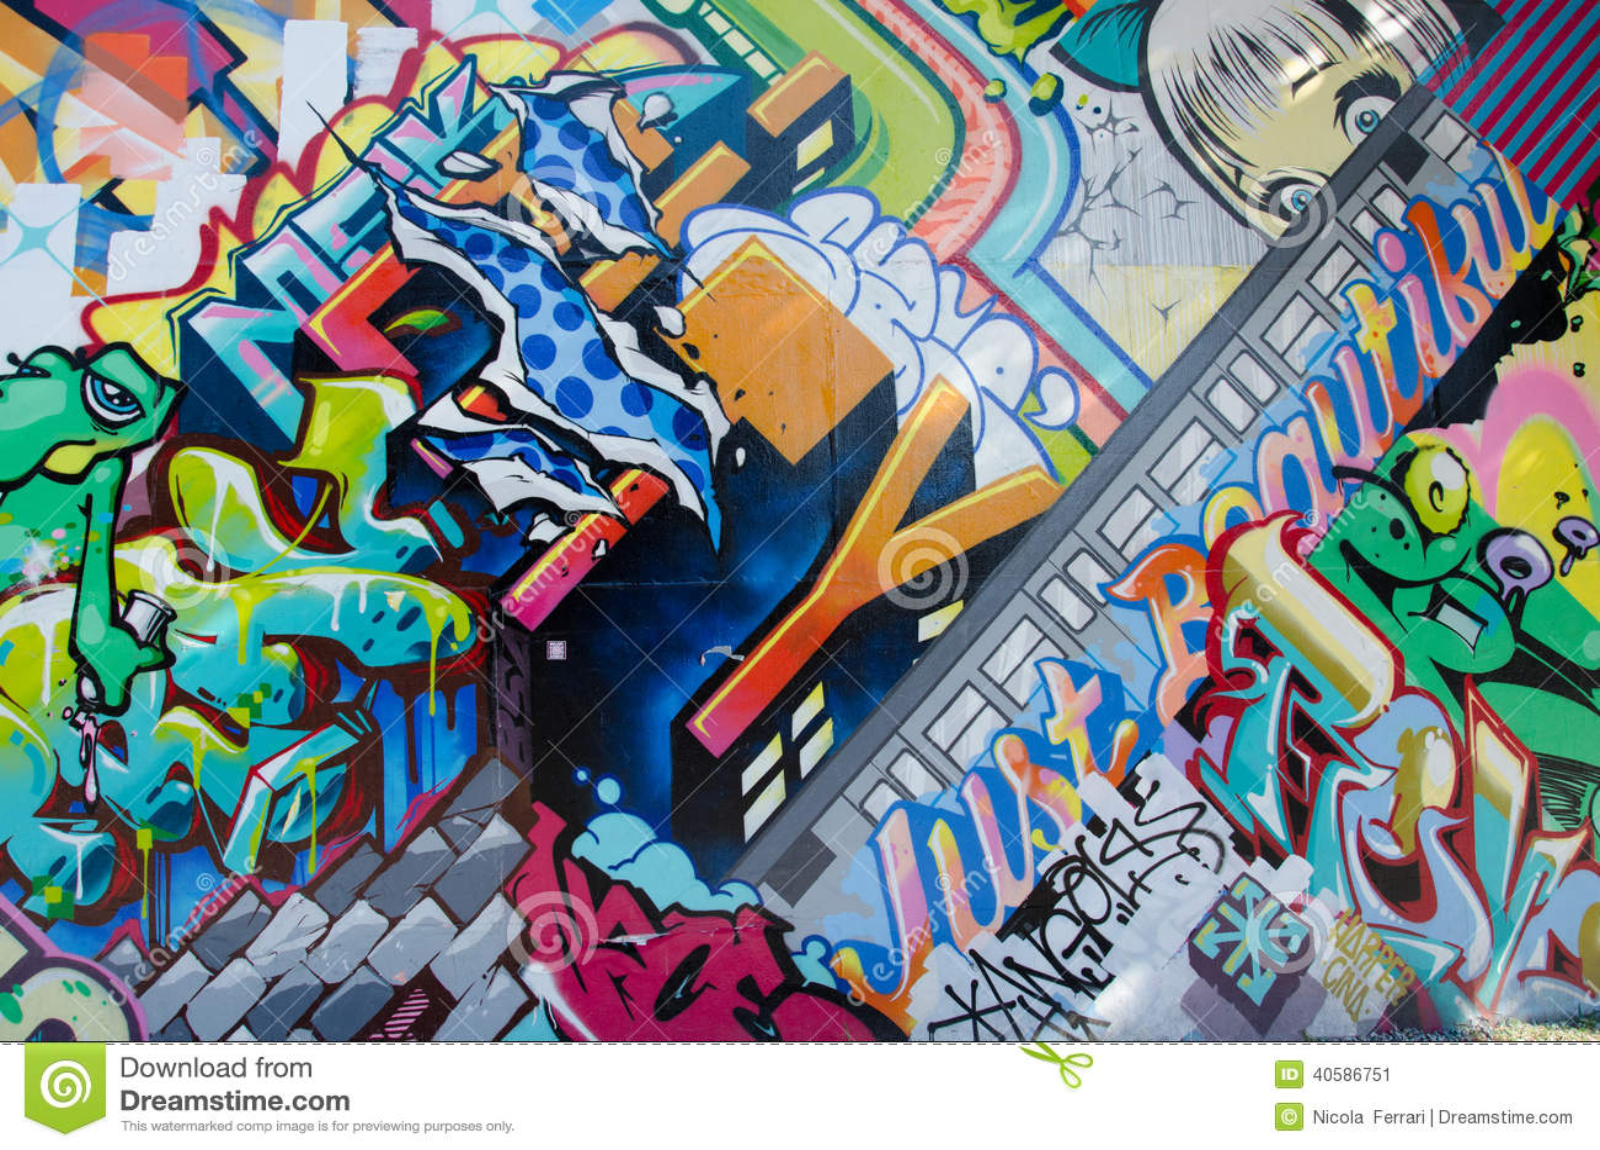 BROOKLYN, NYC, US, October 1 2013: Street art in Brooklyn. Wall